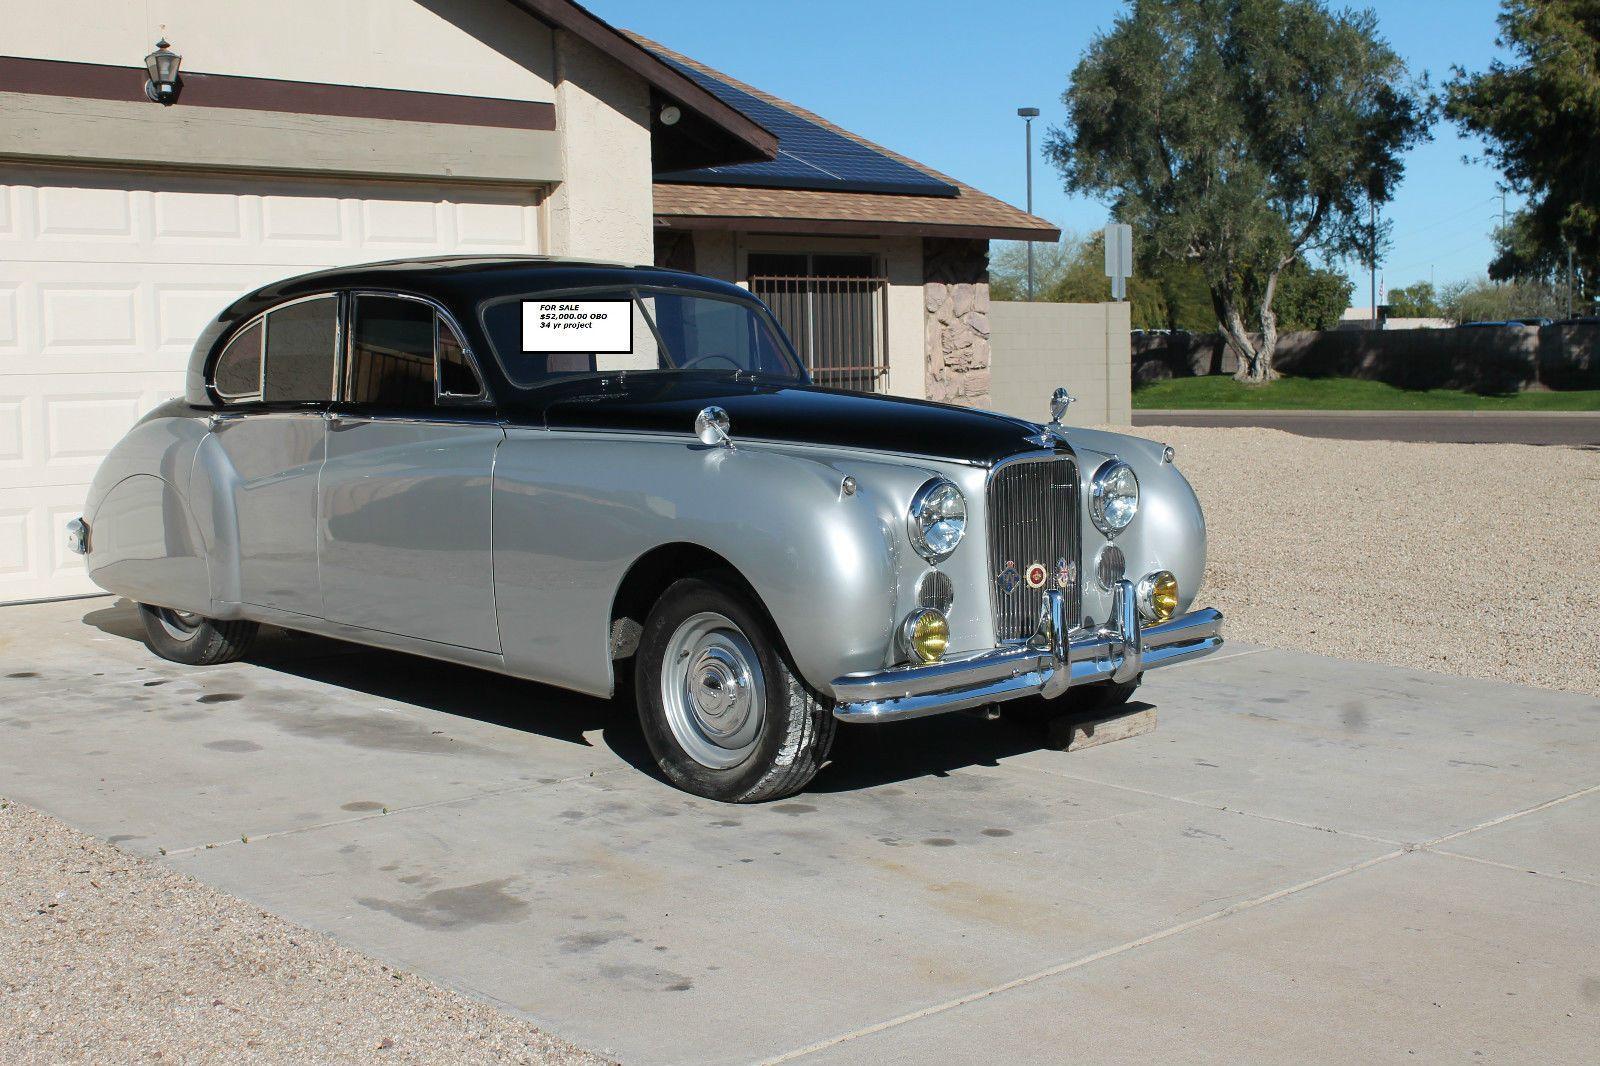 http://www.ebay.com/itm/Jaguar-Other-MK-7-M-1956-mk-7-m-jaguar-rare ...